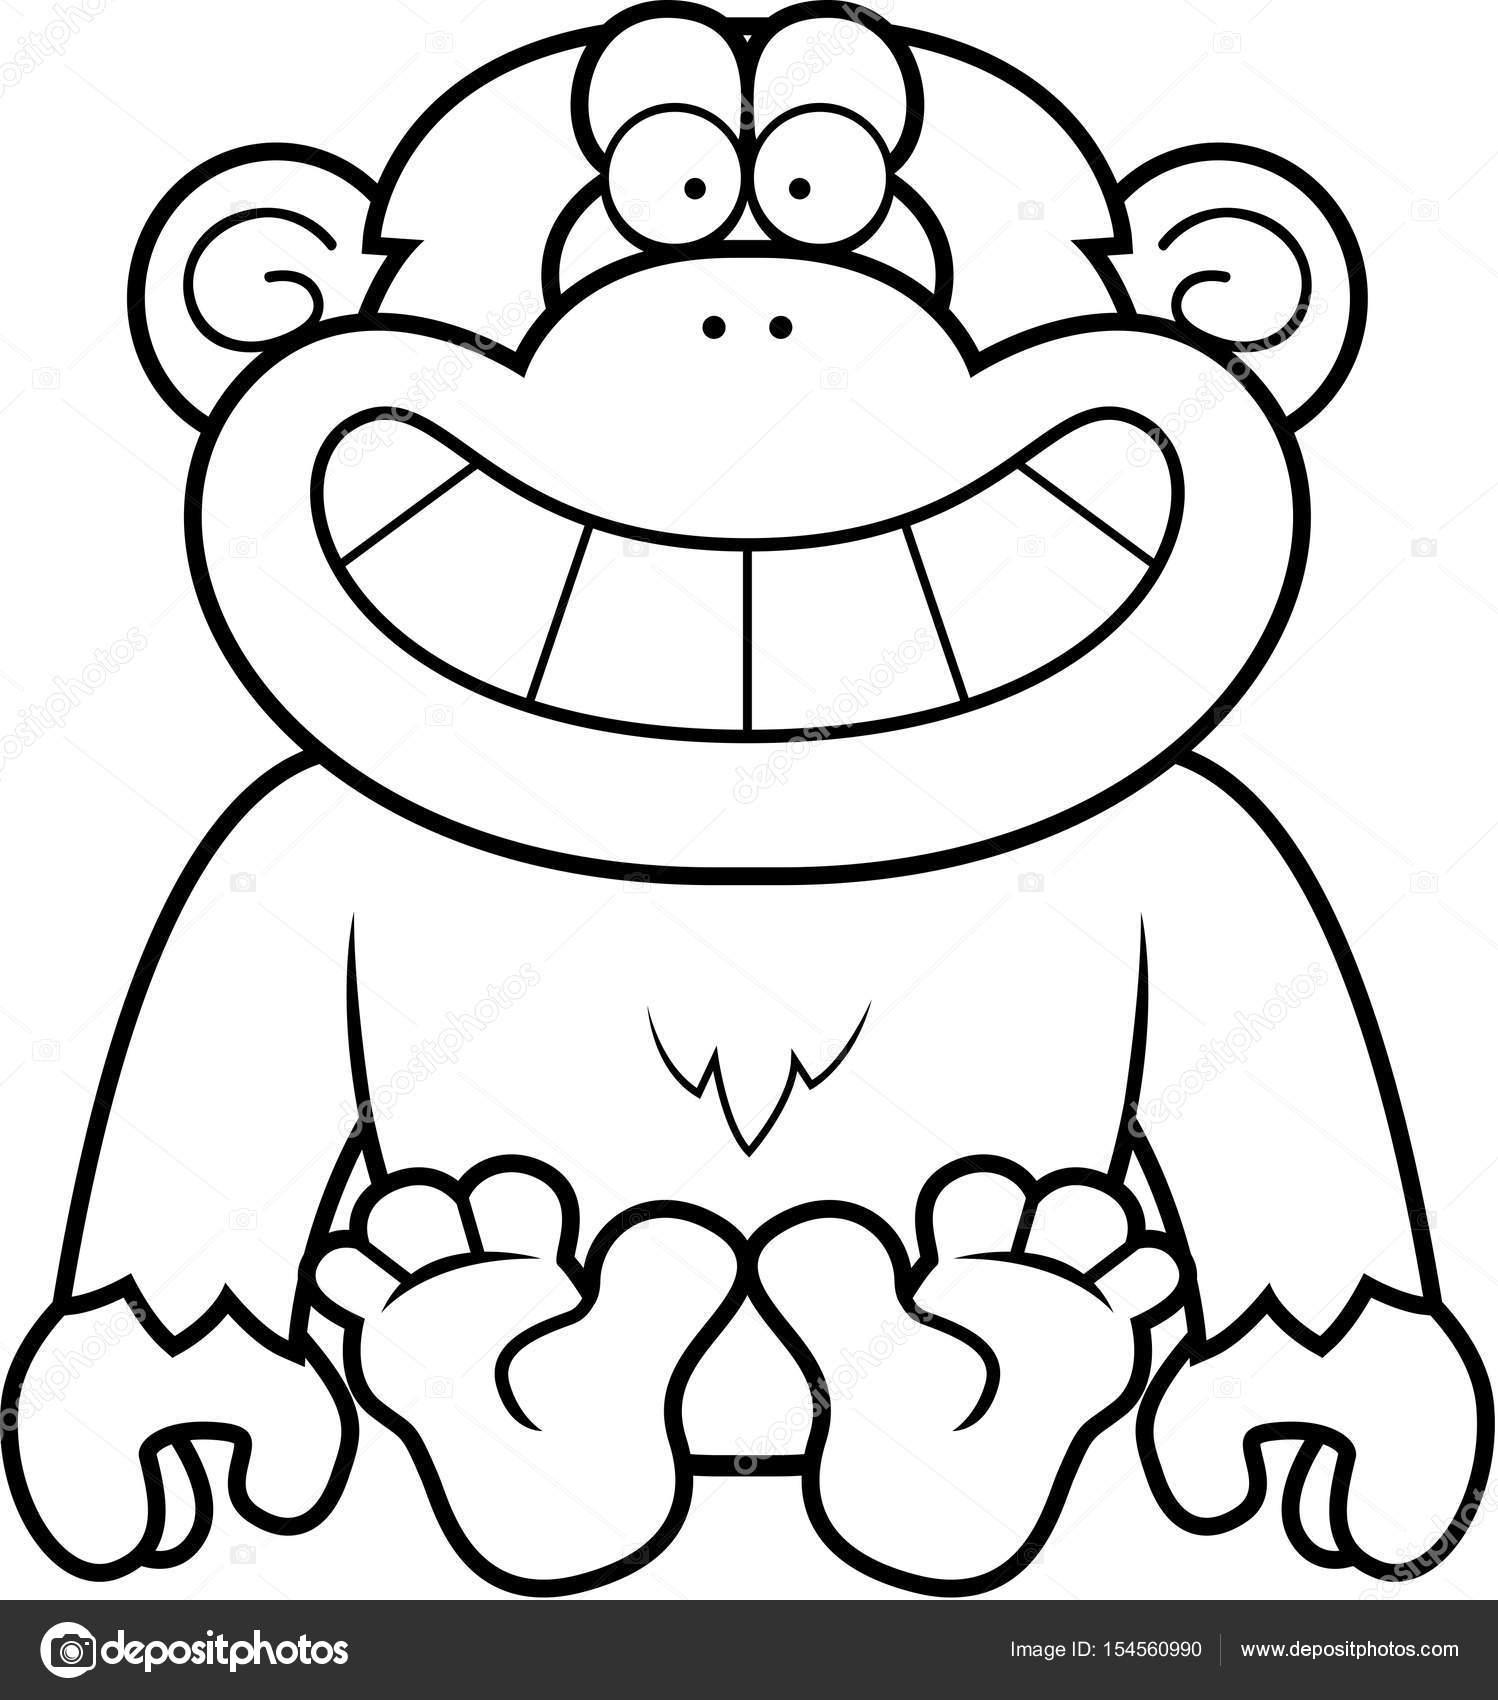 Dibujos animados chimpancé sentado — Archivo Imágenes Vectoriales ...